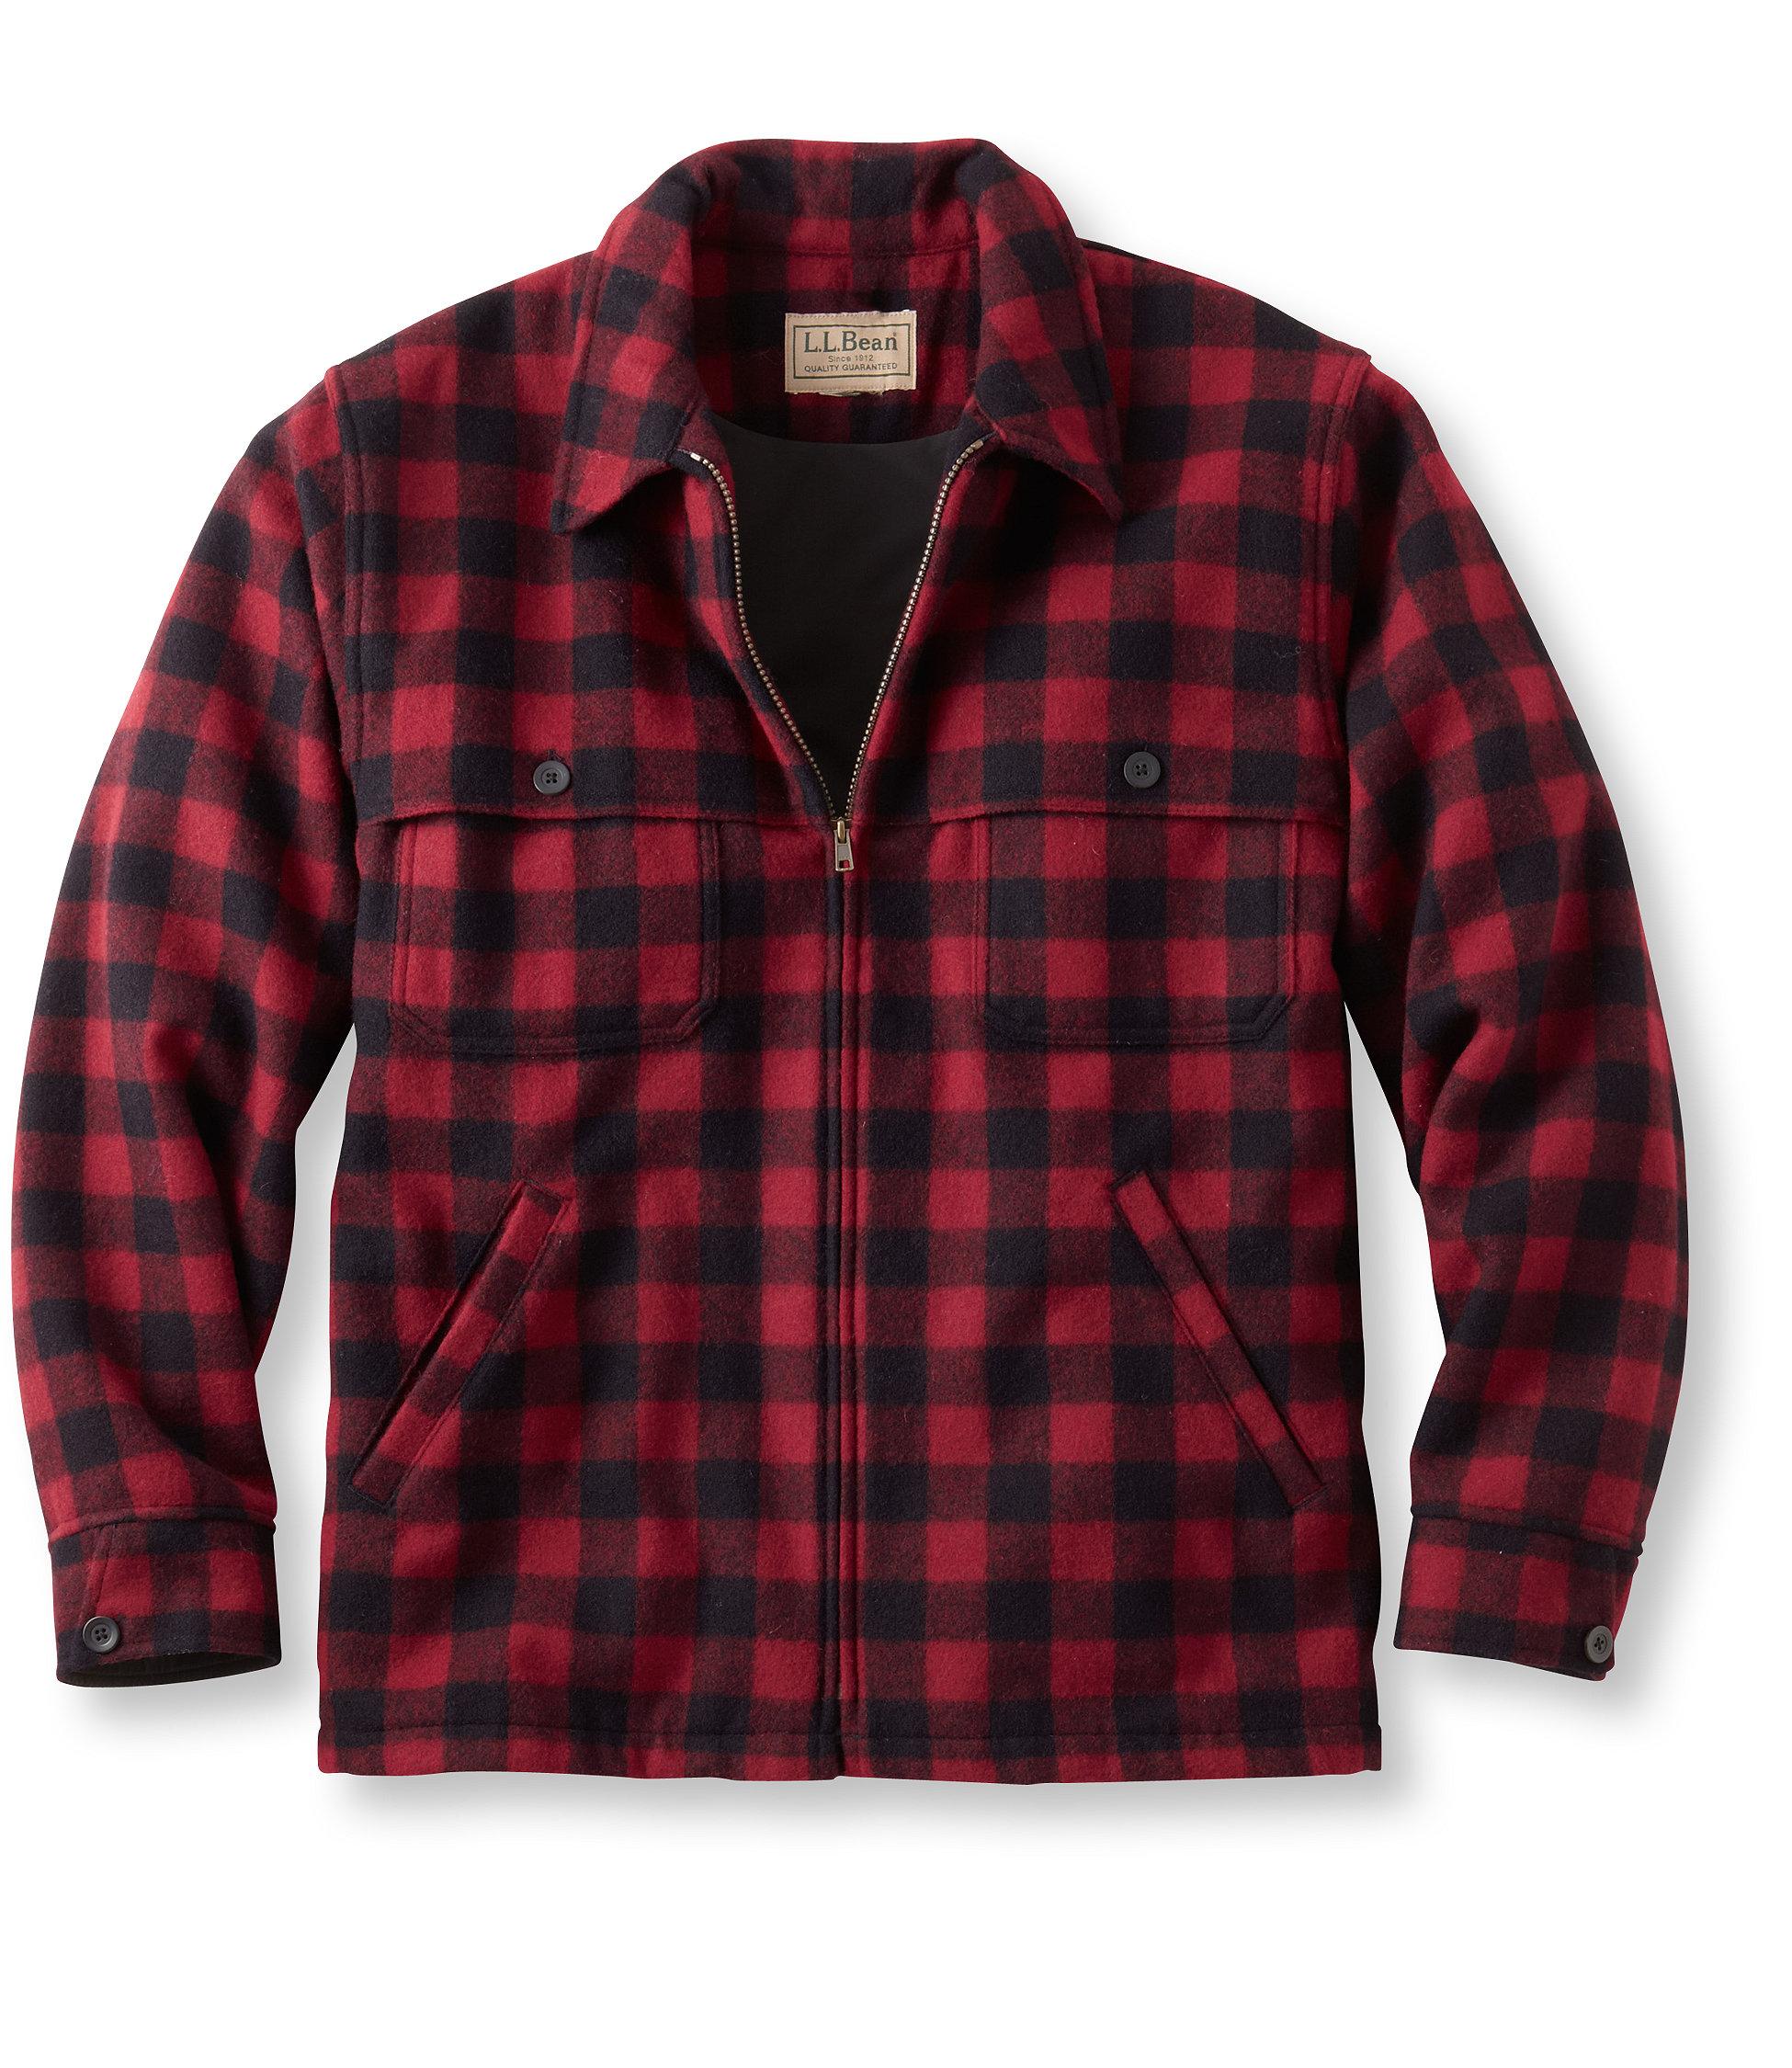 L.L.Bean Maine Guide Zip-Front Jac-Shirt, Windstopper